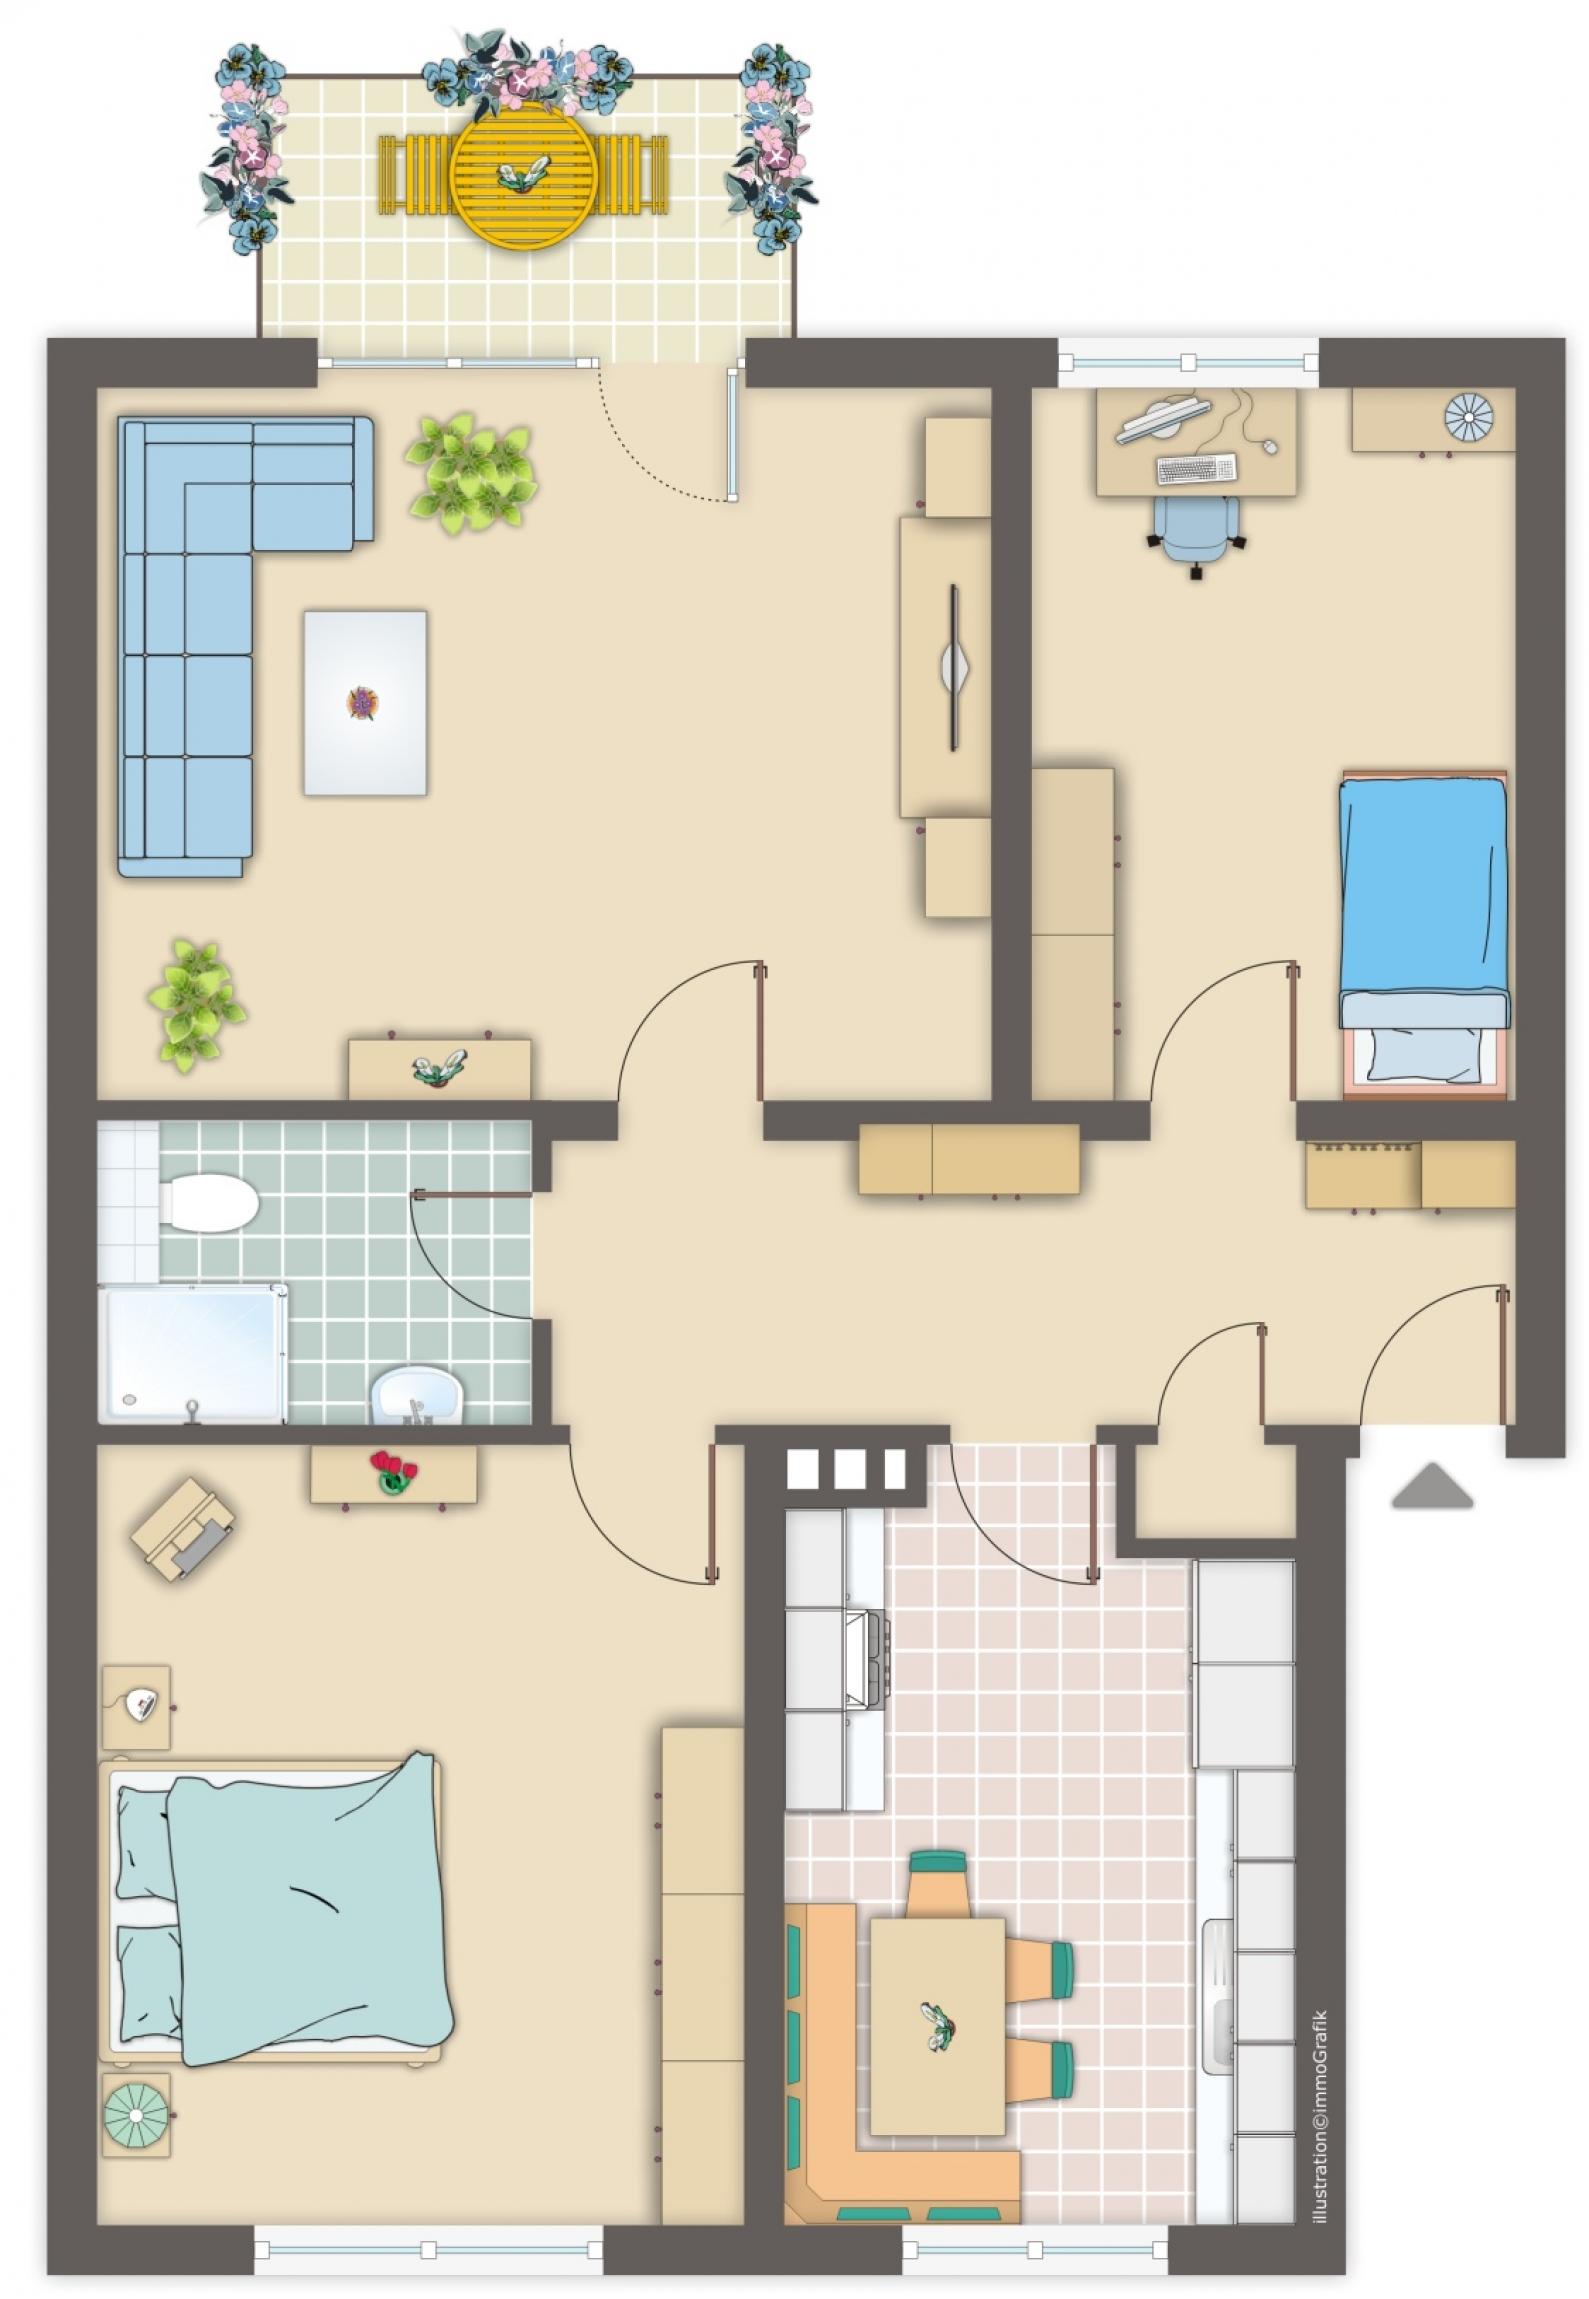 wohnung vermieten rendite. Black Bedroom Furniture Sets. Home Design Ideas